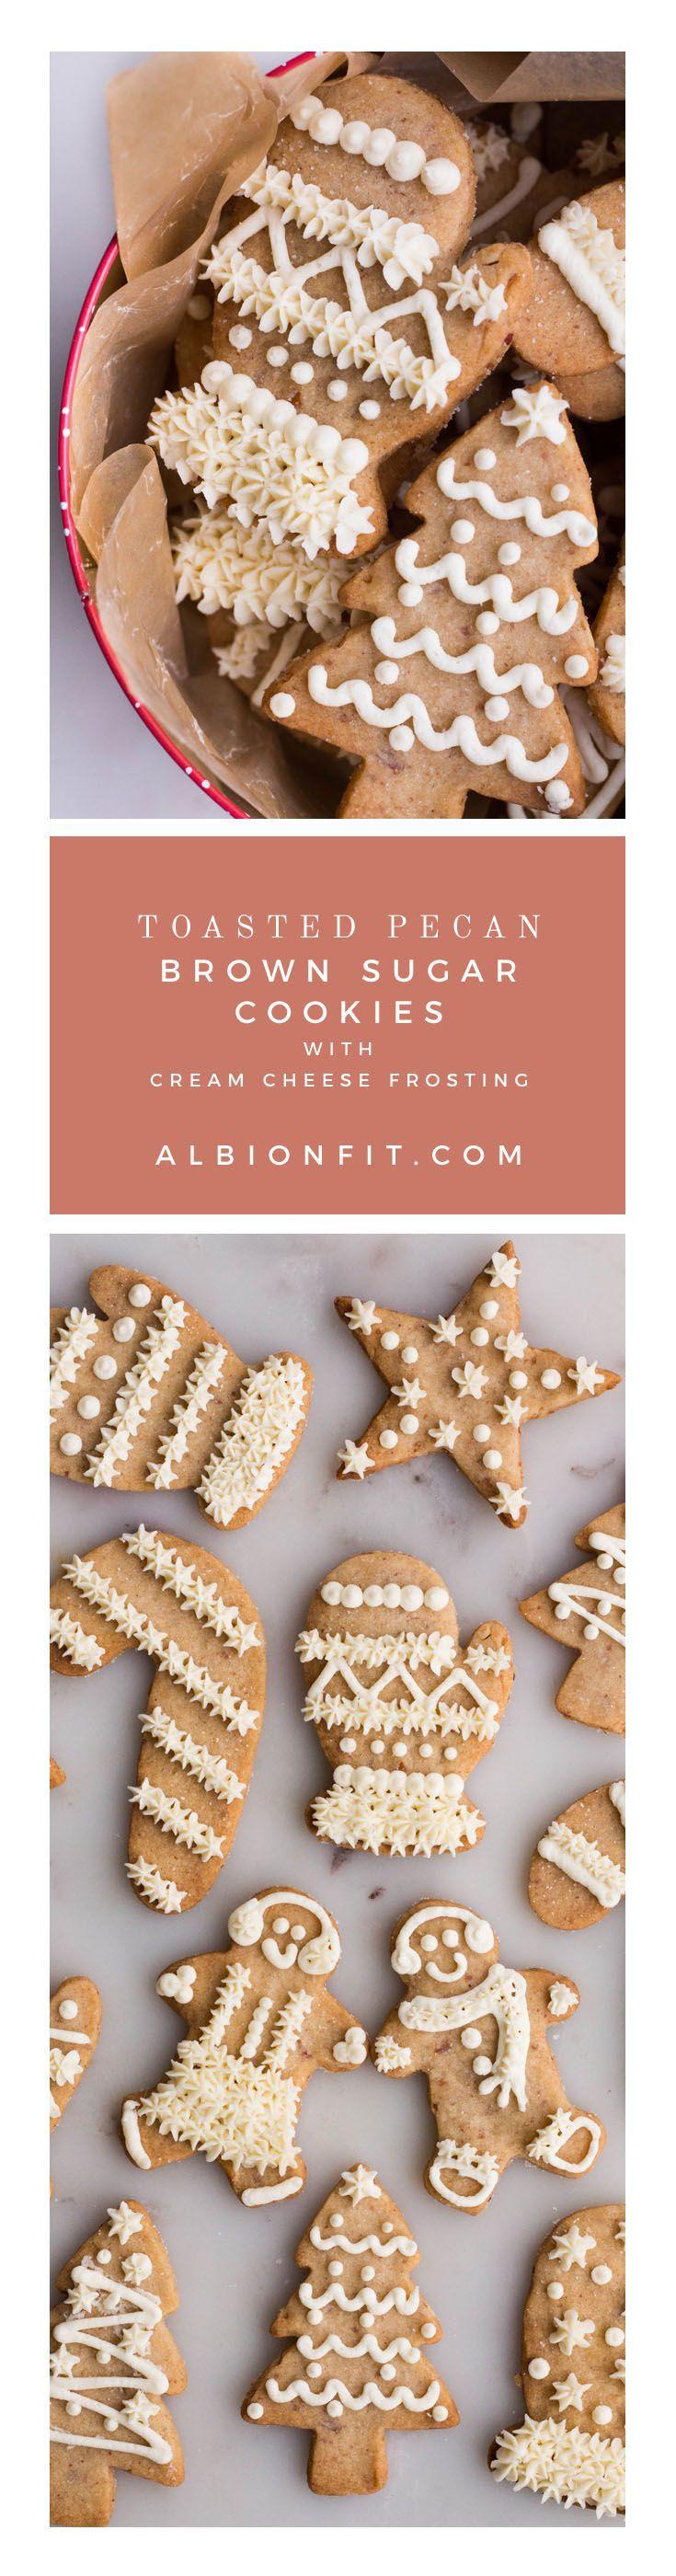 Toasted pecan brown sugar cookies recipe